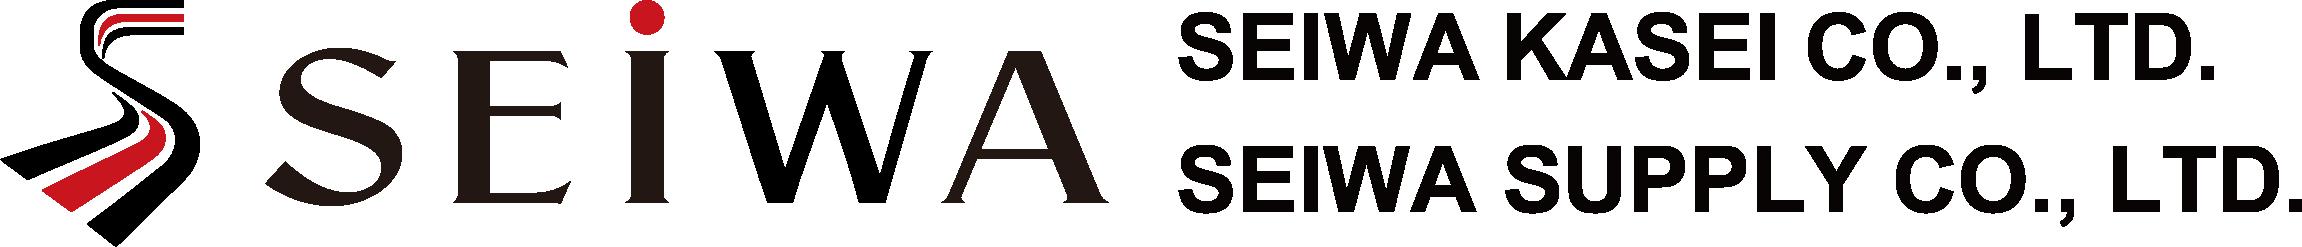 Seiwa Kasei Co., Ltd./Seiwa Supply Co., LTD.